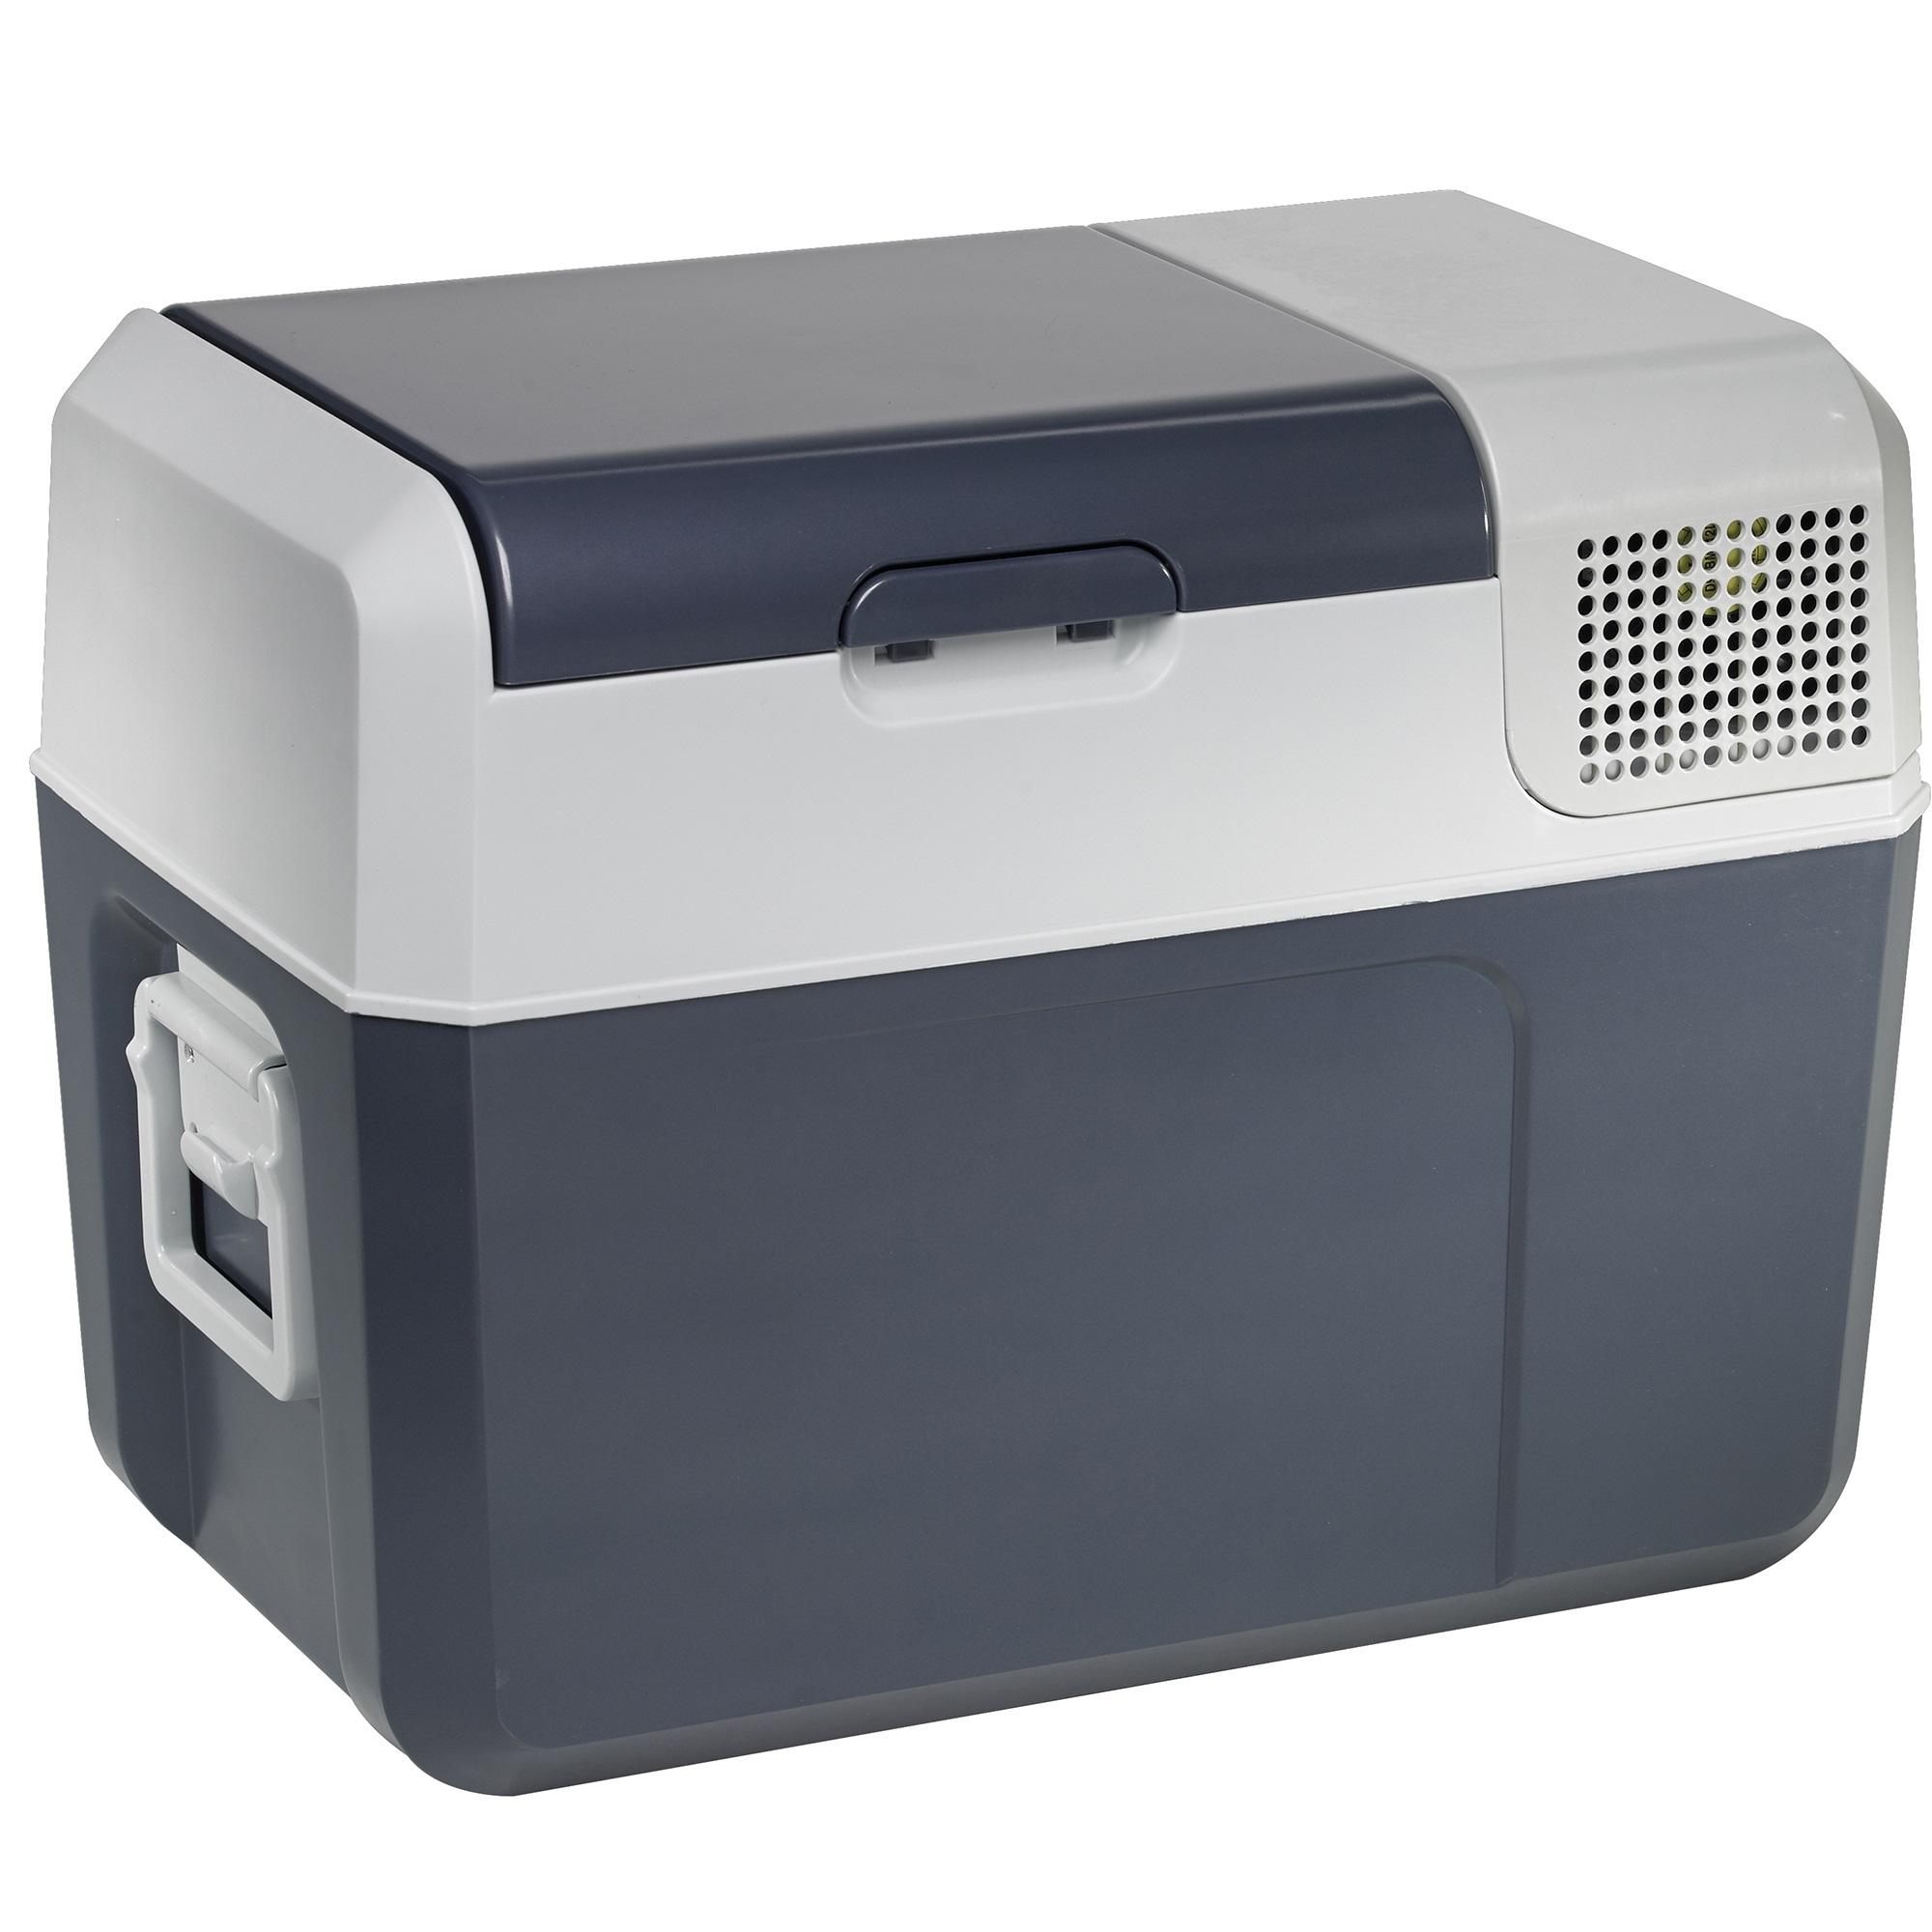 038 l mobicool fr40 ac dc kompressor k hlbox dometic. Black Bedroom Furniture Sets. Home Design Ideas